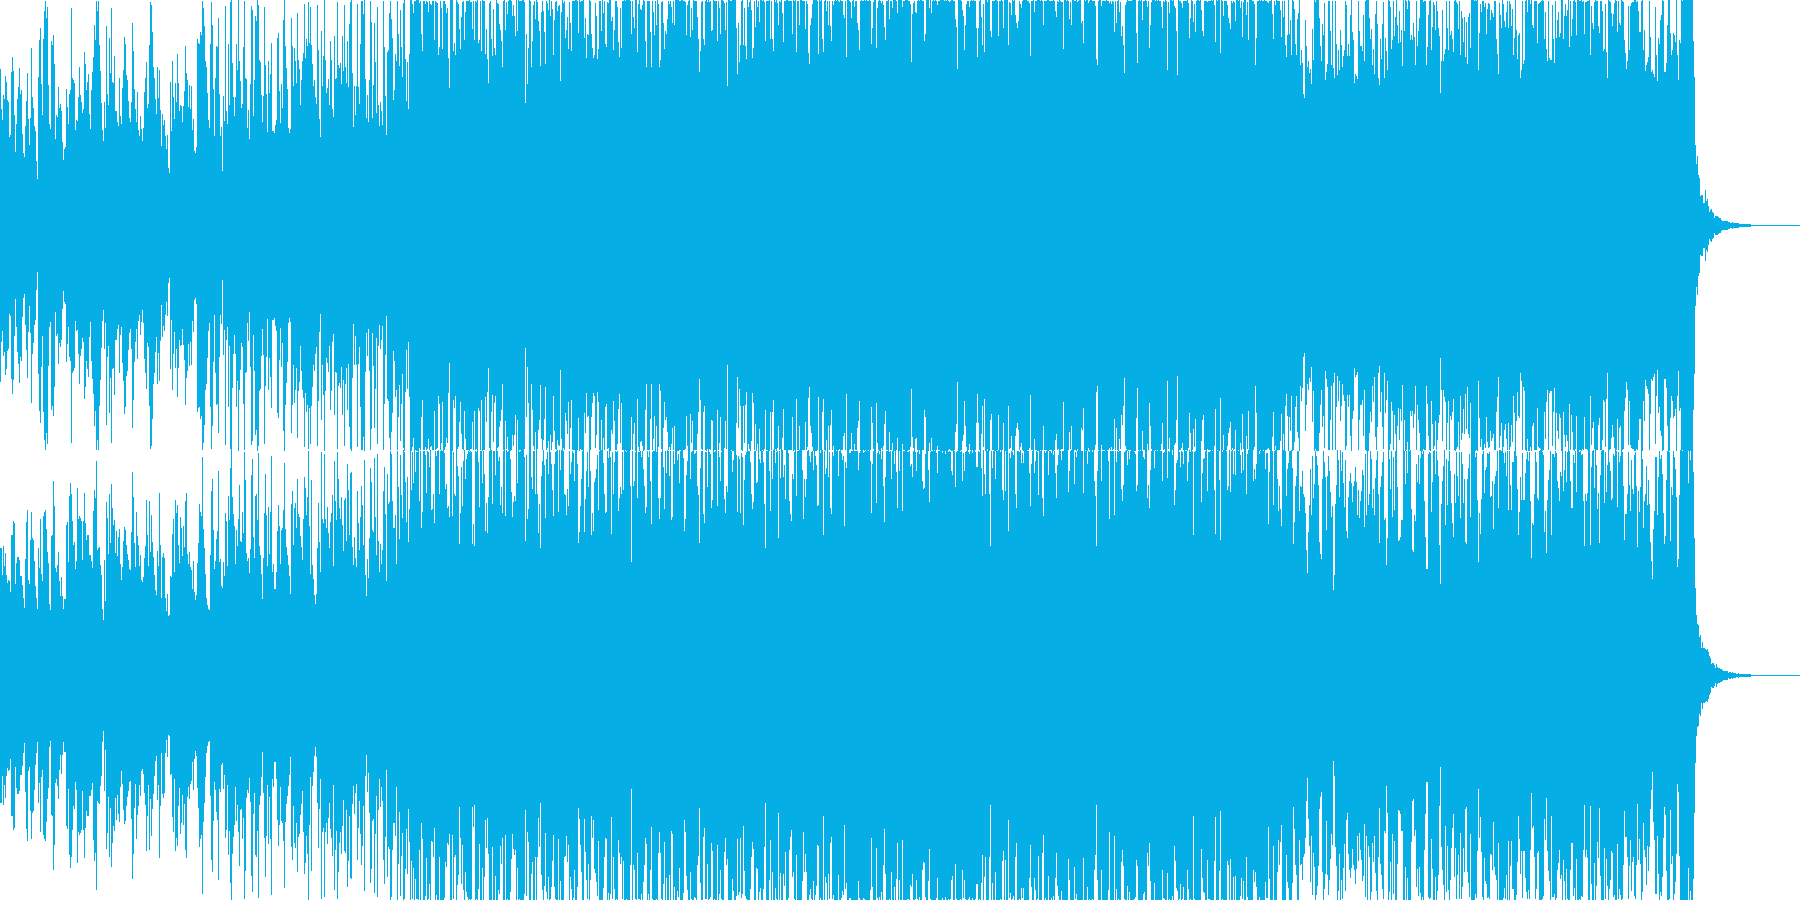 疾走感を感じるアコギが特徴的な夏曲の再生済みの波形